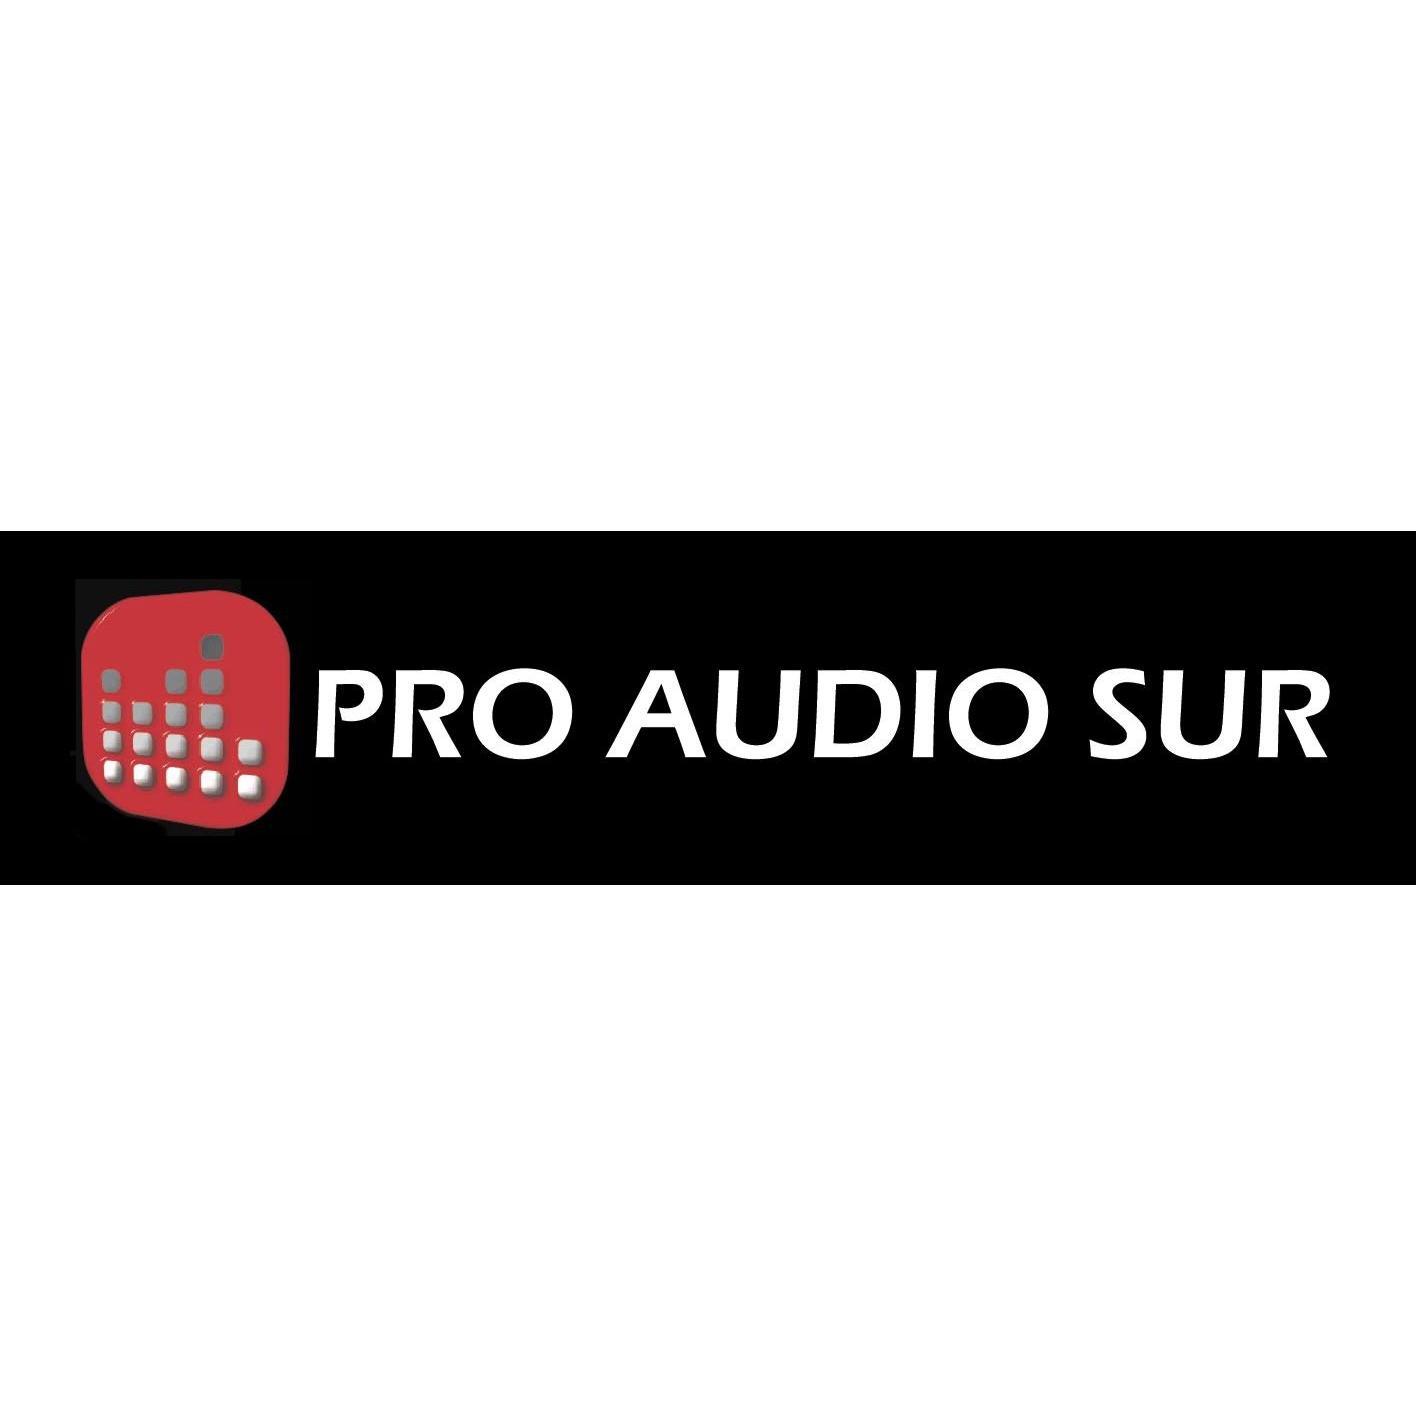 PRO AUDIO SUR – Tienda de Sonido Profesional Iluminacion Dj